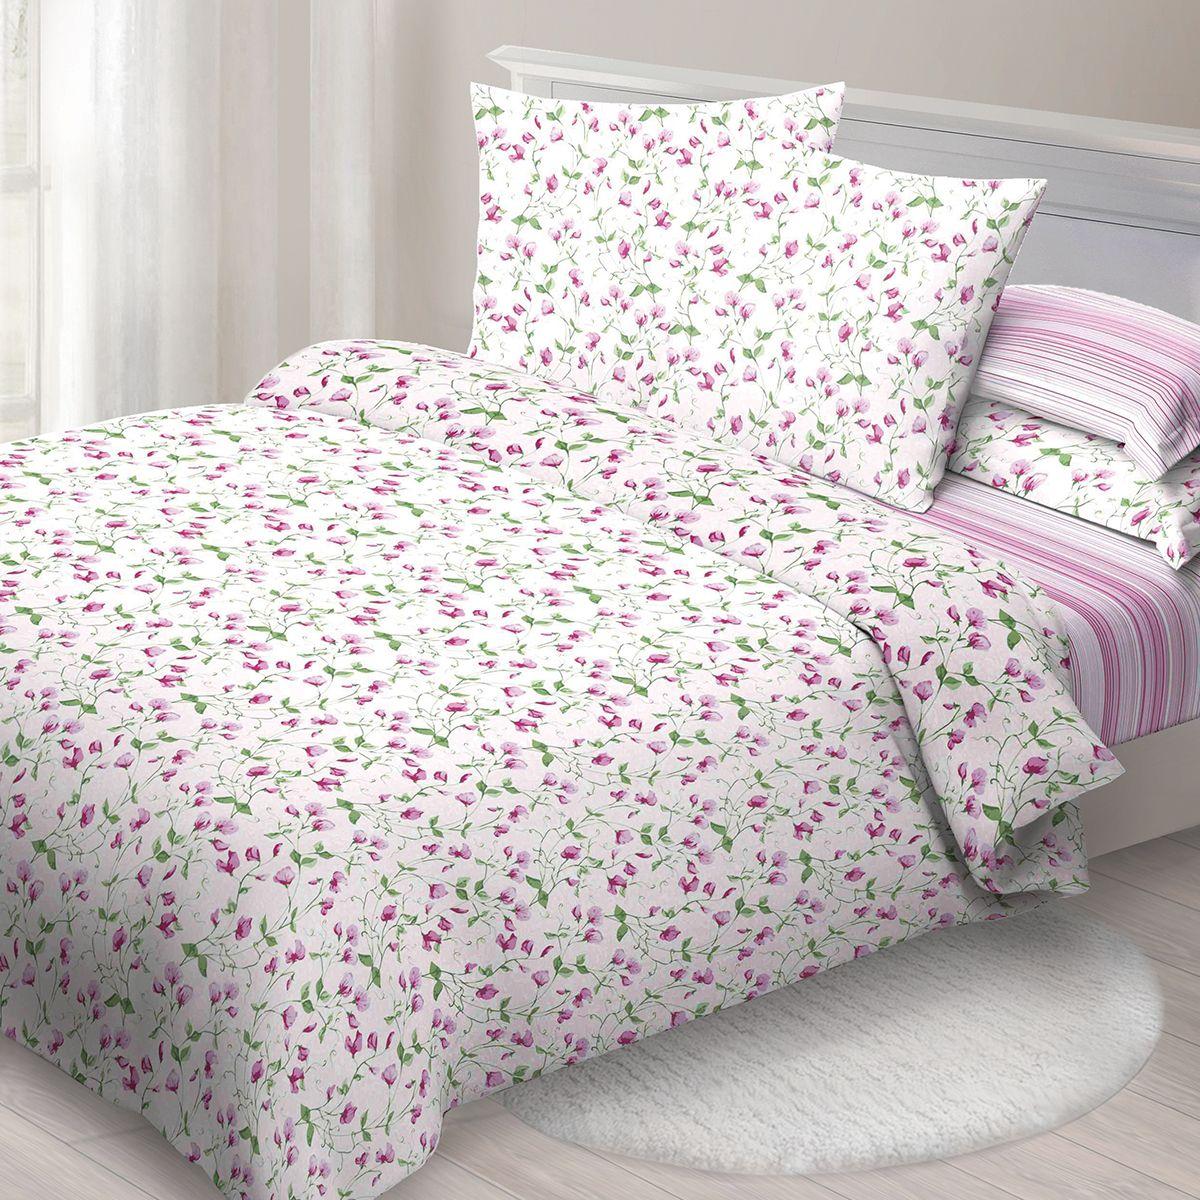 Комплект белья Спал Спалыч Лизабет, cемейный, наволочки 70x70, цвет: розовый91327Спал Спалыч - недорогое, но качественное постельное белье из белорусской бязи. Актуальные дизайны, авторская упаковка в сочетании с качественными материалами и приемлемой ценой - залог успеха Спал Спалыча!В ассортименте широкая линейка домашнего текстиля для всей семьи - современные дизайны современному покупателю! Ткань обработана по технологии PERFECT WAY - благодаря чему, она становится более гладкой и шелковистой.• Бязь Барановичи 100% хлопок• Плотность ткани - 125 гр/кв.м.